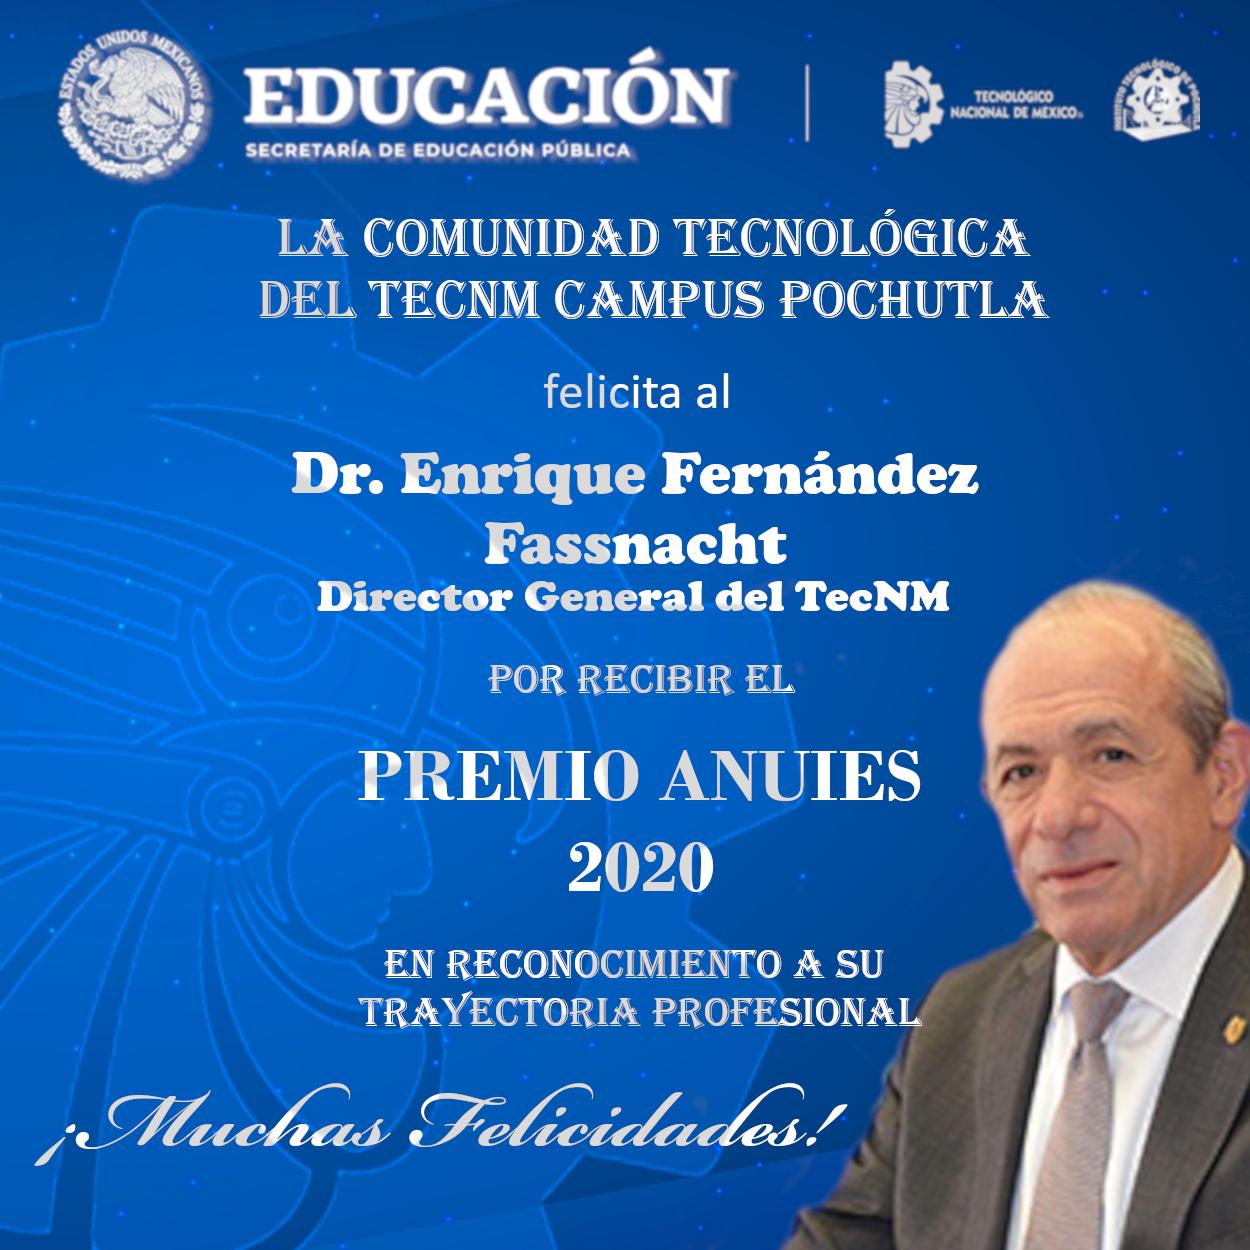 Felicitaciones al Dr. Enrique Fernández Fassnacht